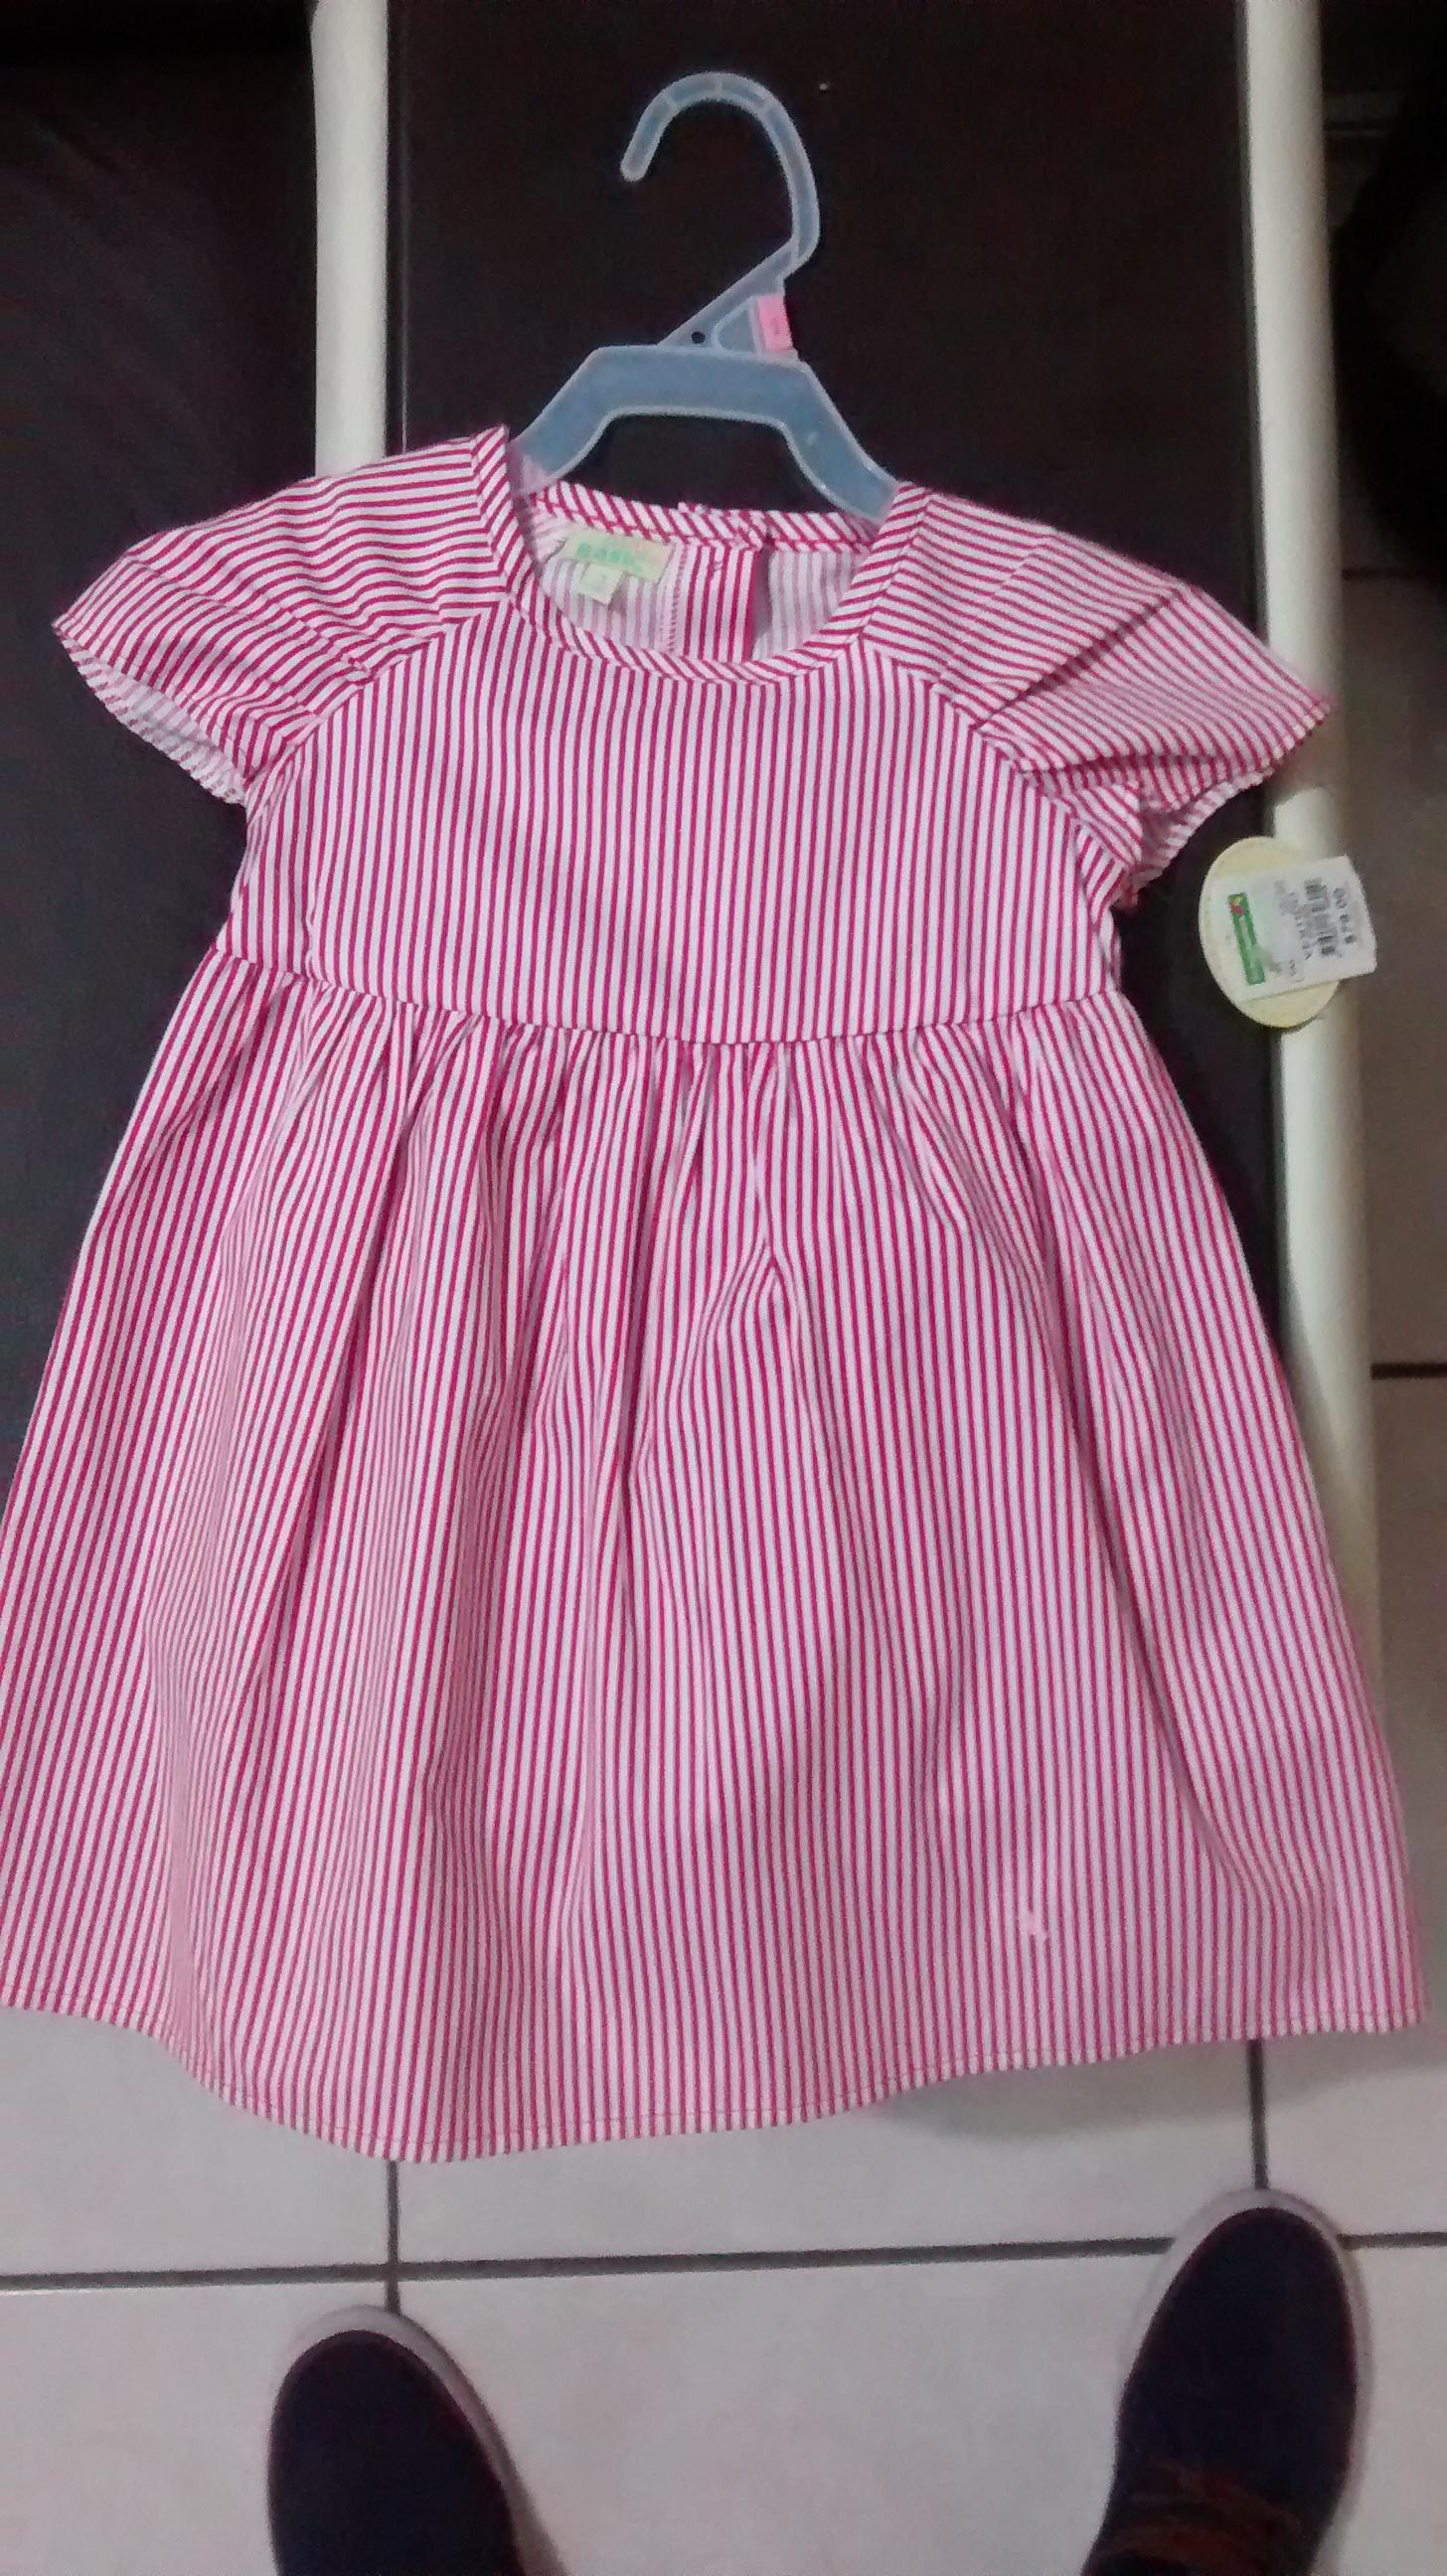 Bodega Aurrerá: Vestido bebé a $10.02 y con junto crazybaby $30.02